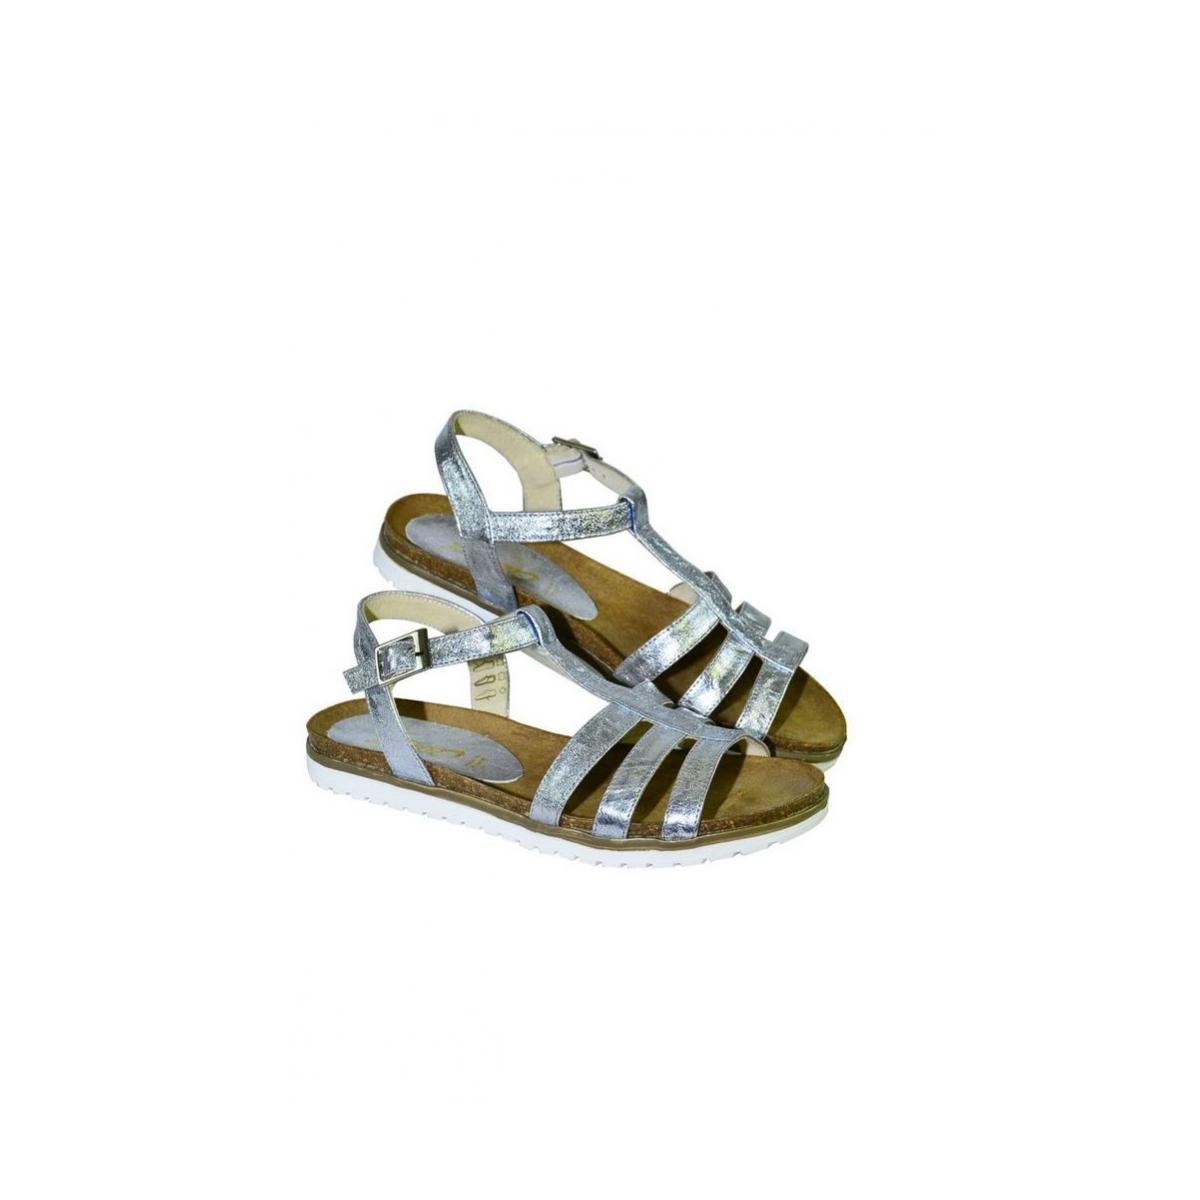 37babd2b2ff2 Strieborné kožené nízke sandále LEA - 2